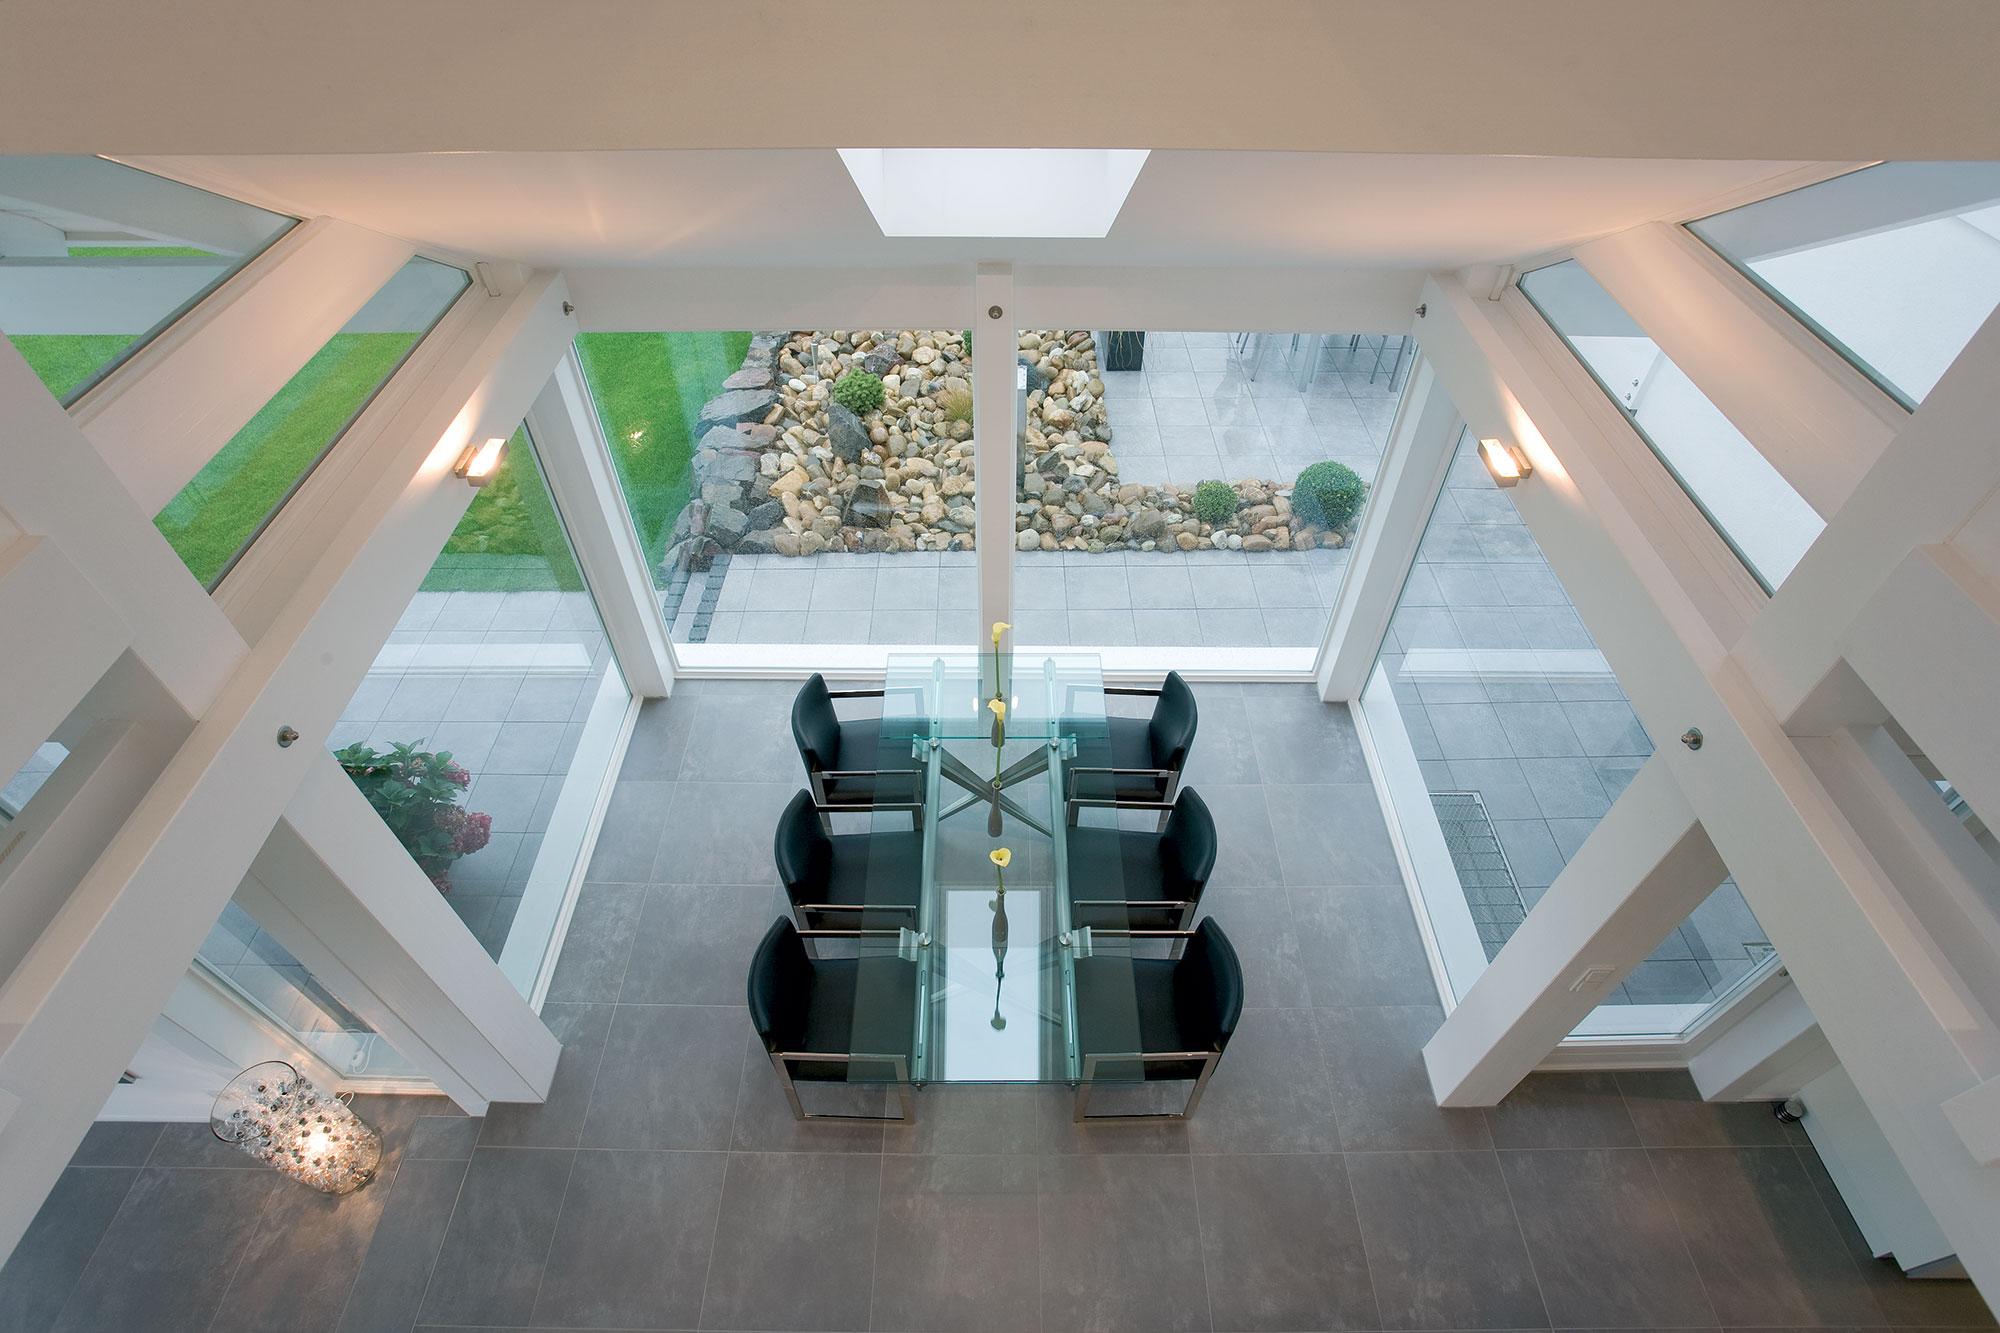 fai spazio all armonia organizza la tua casa con il feng